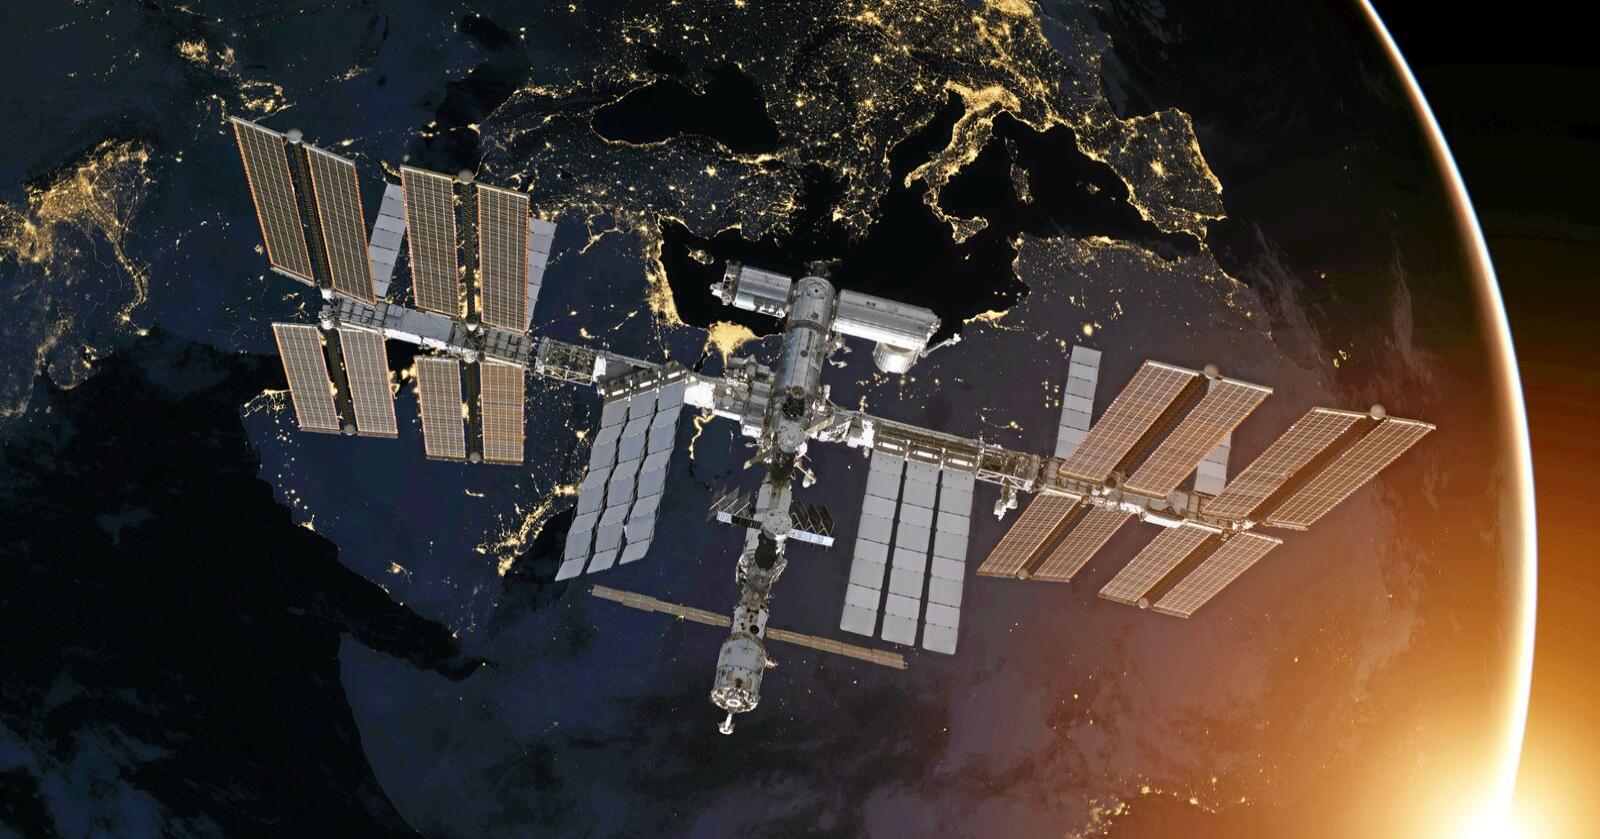 Kjøttet er produsert på den russiske delen av den internasjonale romstasjonen. Illustrasjonsfoto: NASA-images/Mostphotos